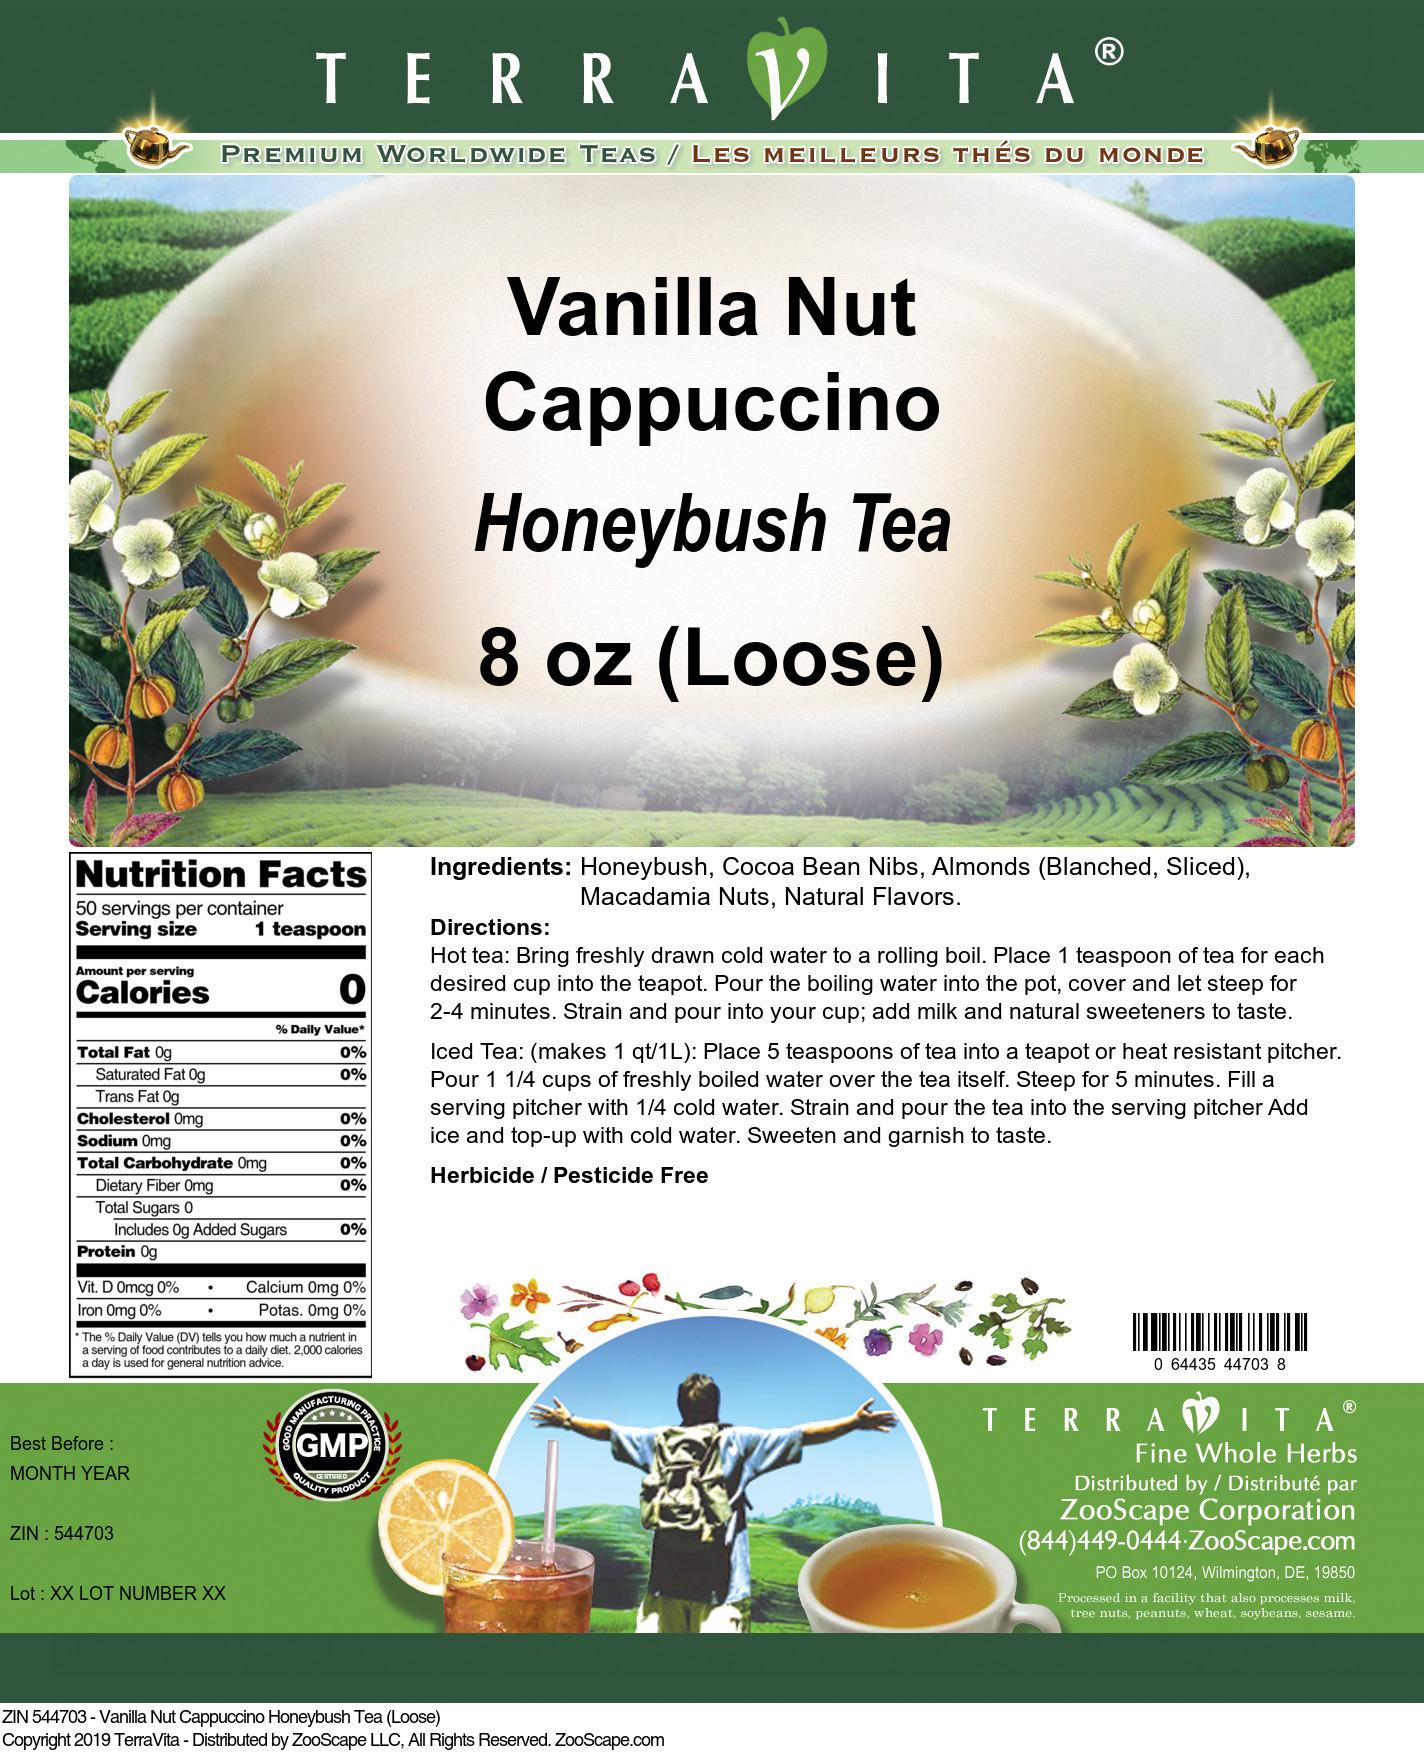 Vanilla Nut Cappuccino Honeybush Tea (Loose)